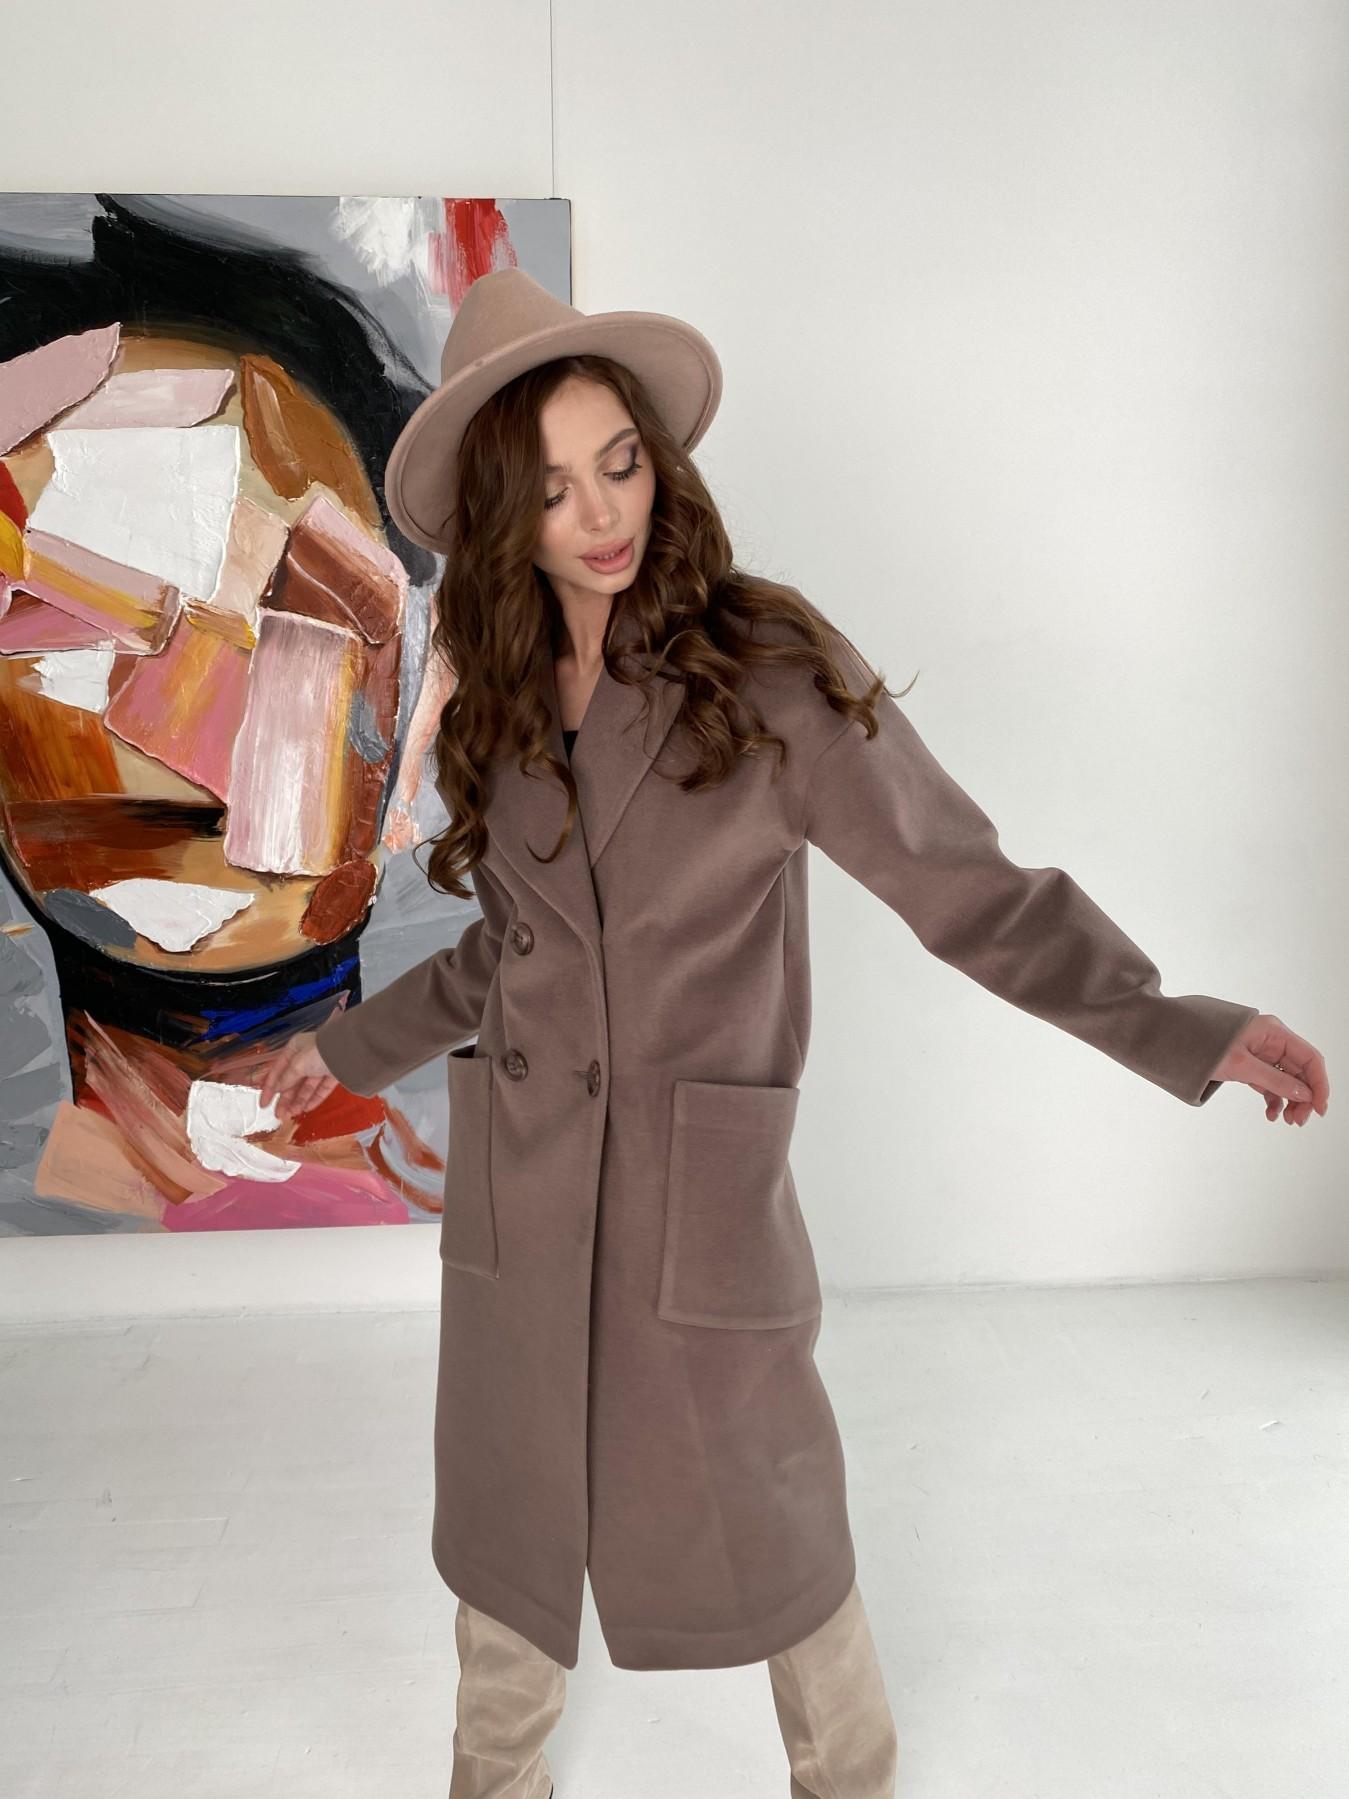 Свайп макси пальто из кашемира на трикотаже 10619 АРТ. 46998 Цвет: Кофе - фото 2, интернет магазин tm-modus.ru